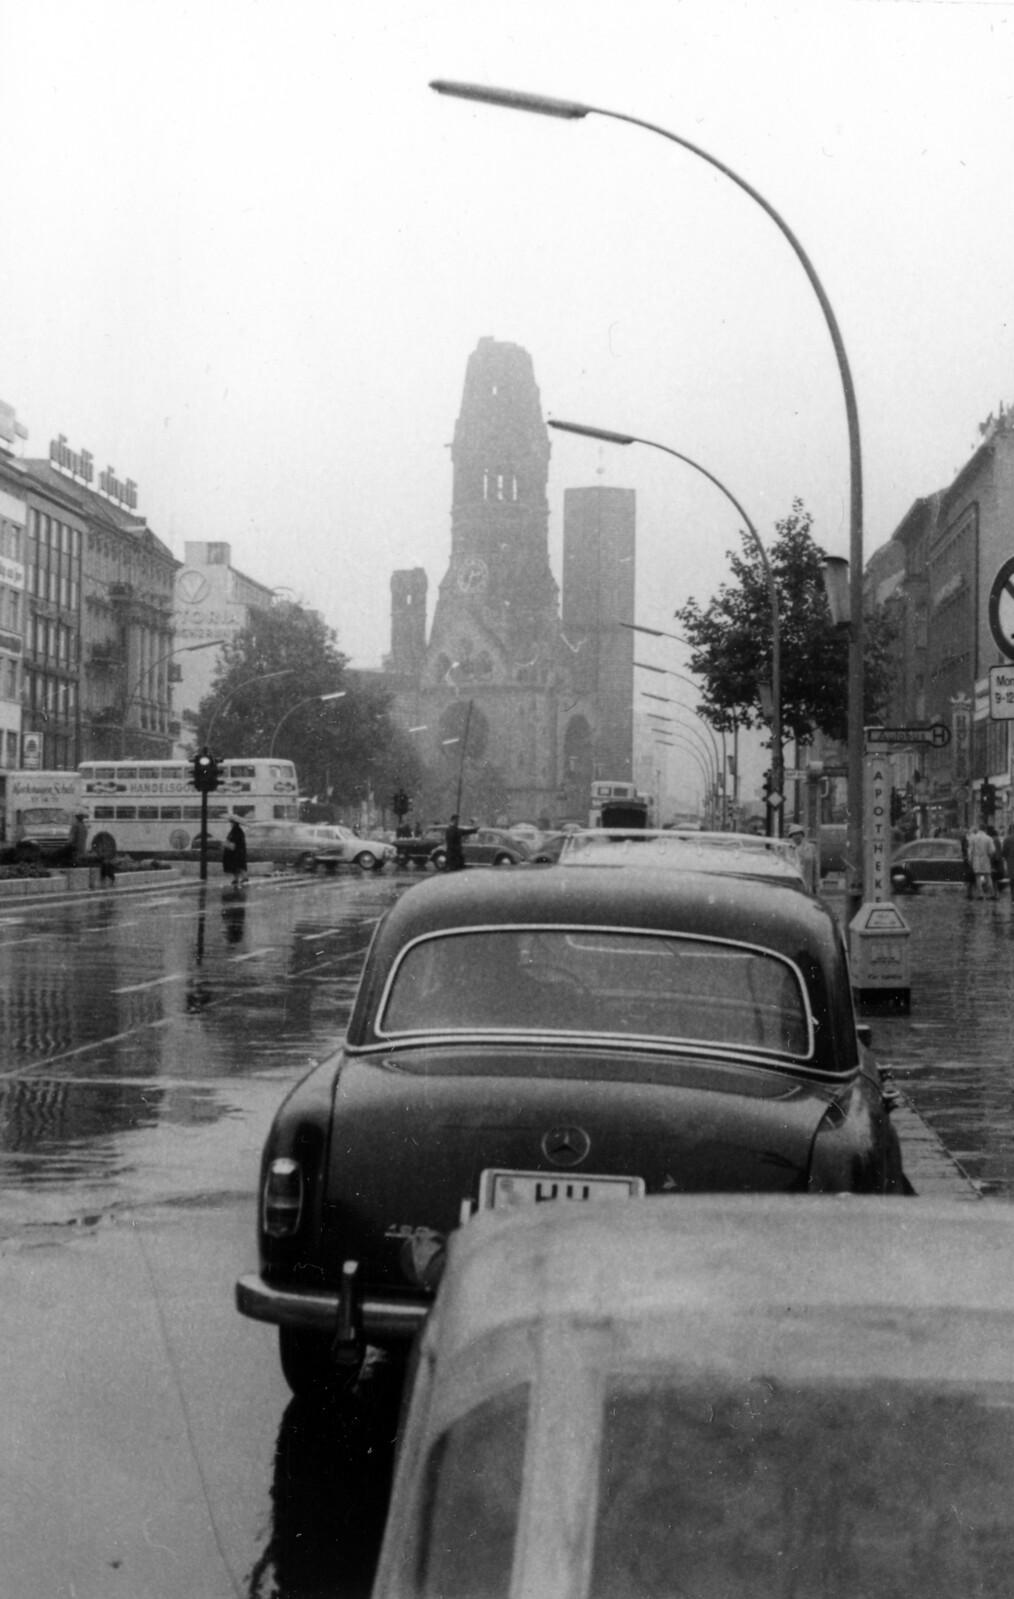 04. 1956. Западный Берлин. Курфюрстендамм, напротив Мемориальной церкви кайзера Вильгельма